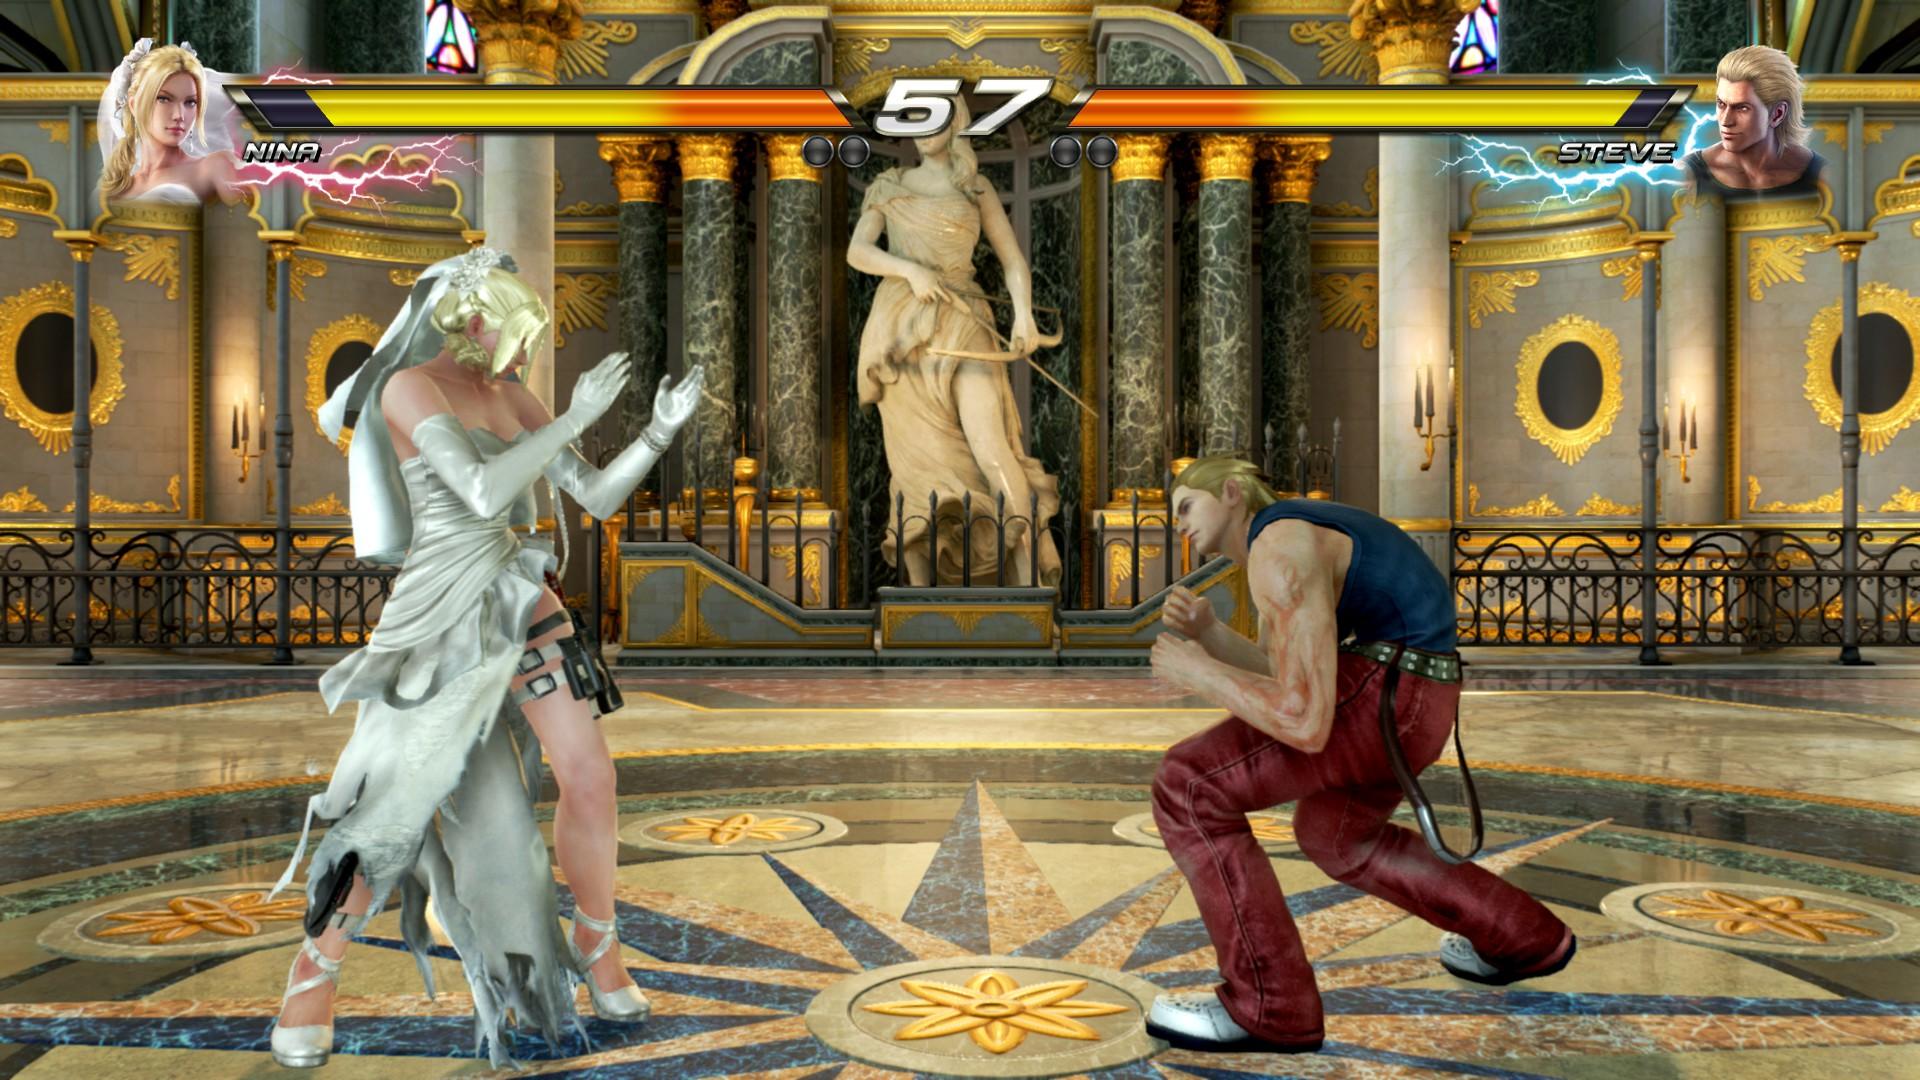 Tekken 7 - jde se bojovat o čest, slávu, peníze a nový klobouk 145296